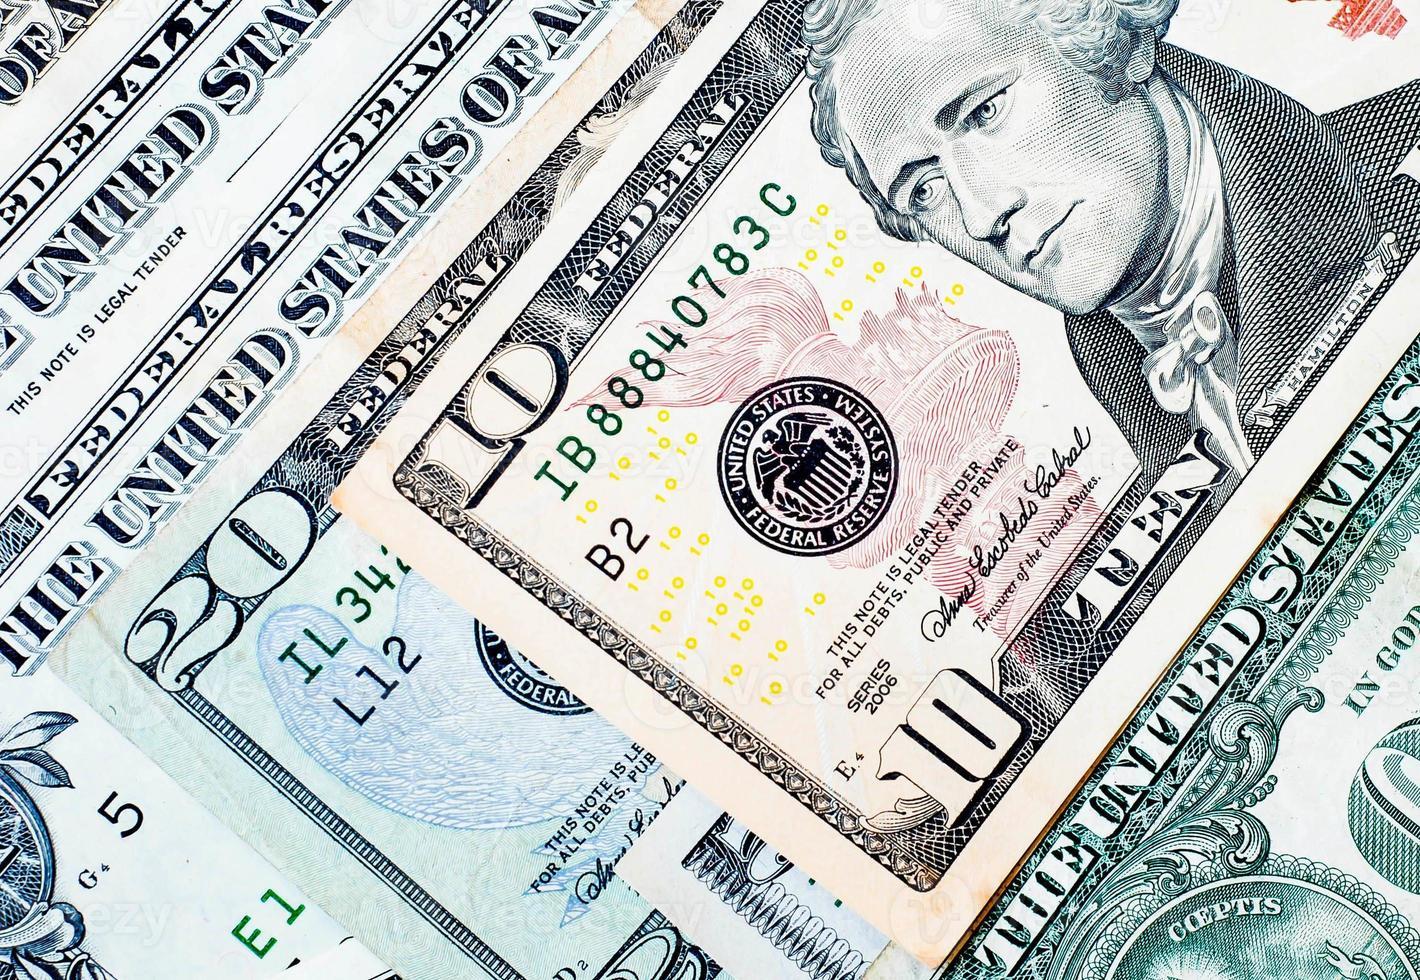 US. dollar bills background photo